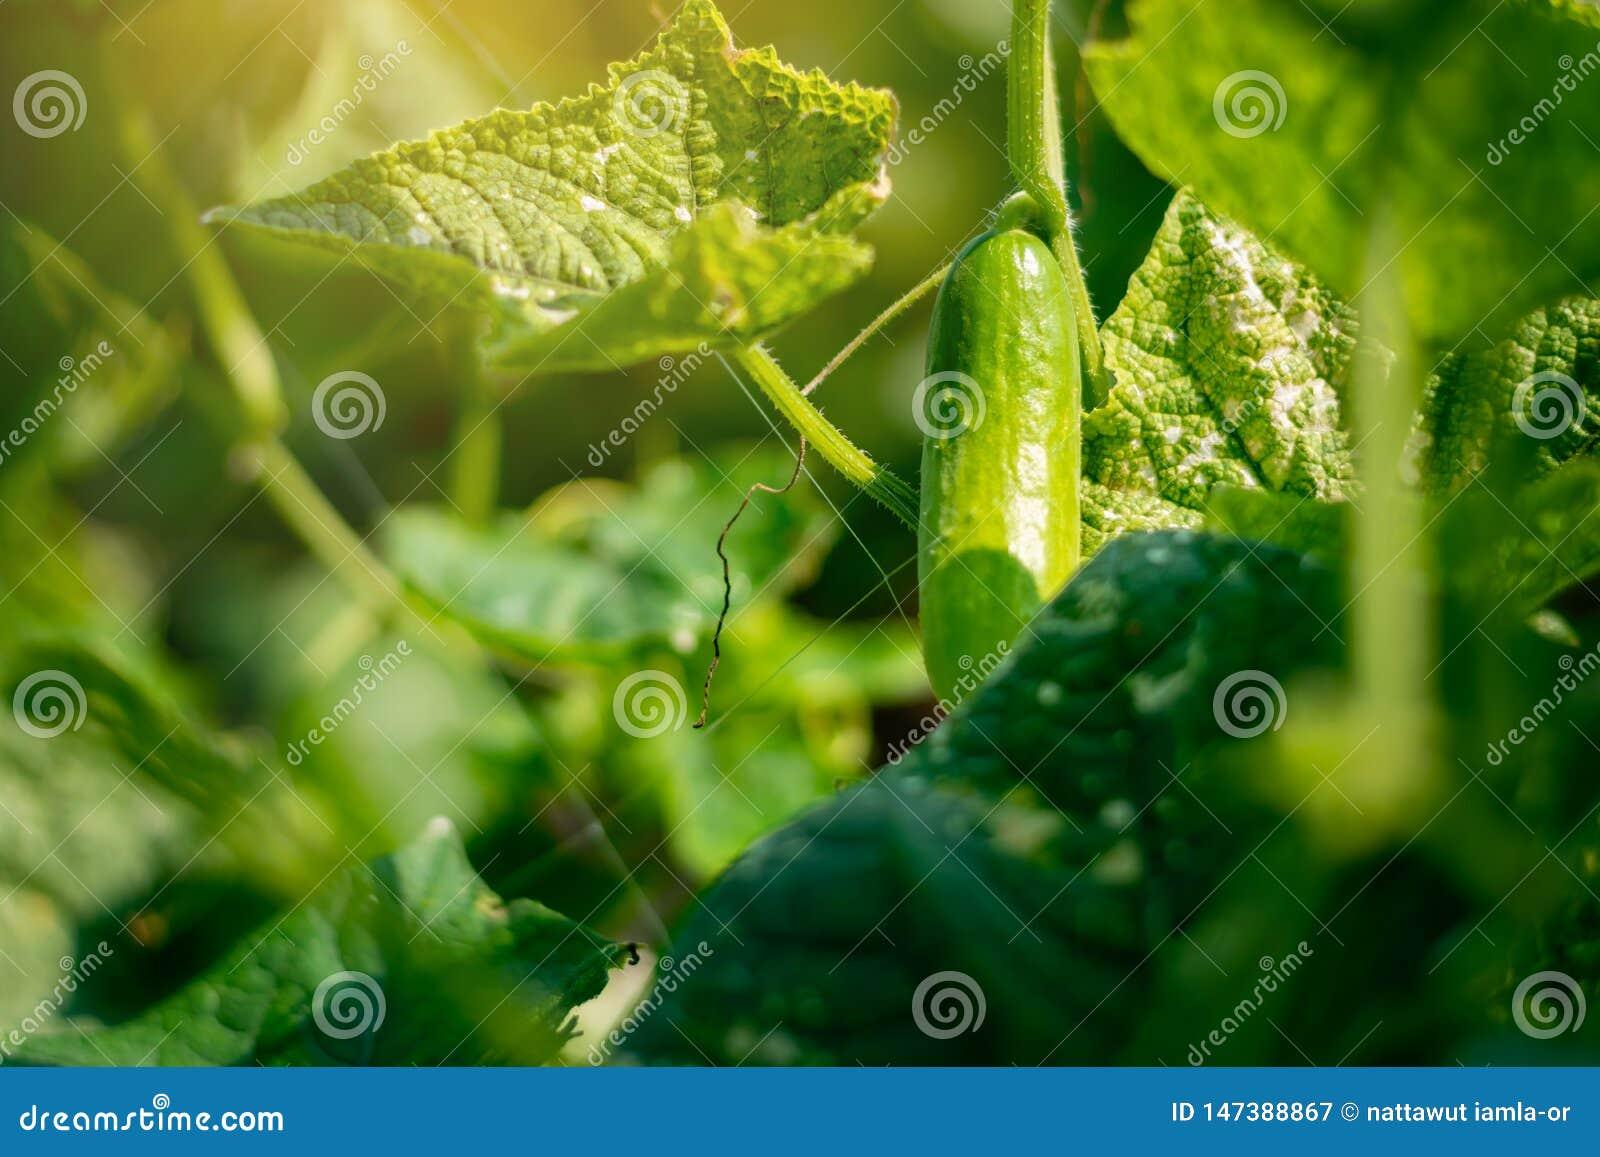 Συγκομιδή αγγουριών σε ένα μικρό εσωτερικό θερμοκήπιο Τα φρούτα αγγουριών αυξάνονται και είναι έτοιμα για τη συγκομιδή Ποικιλία τ